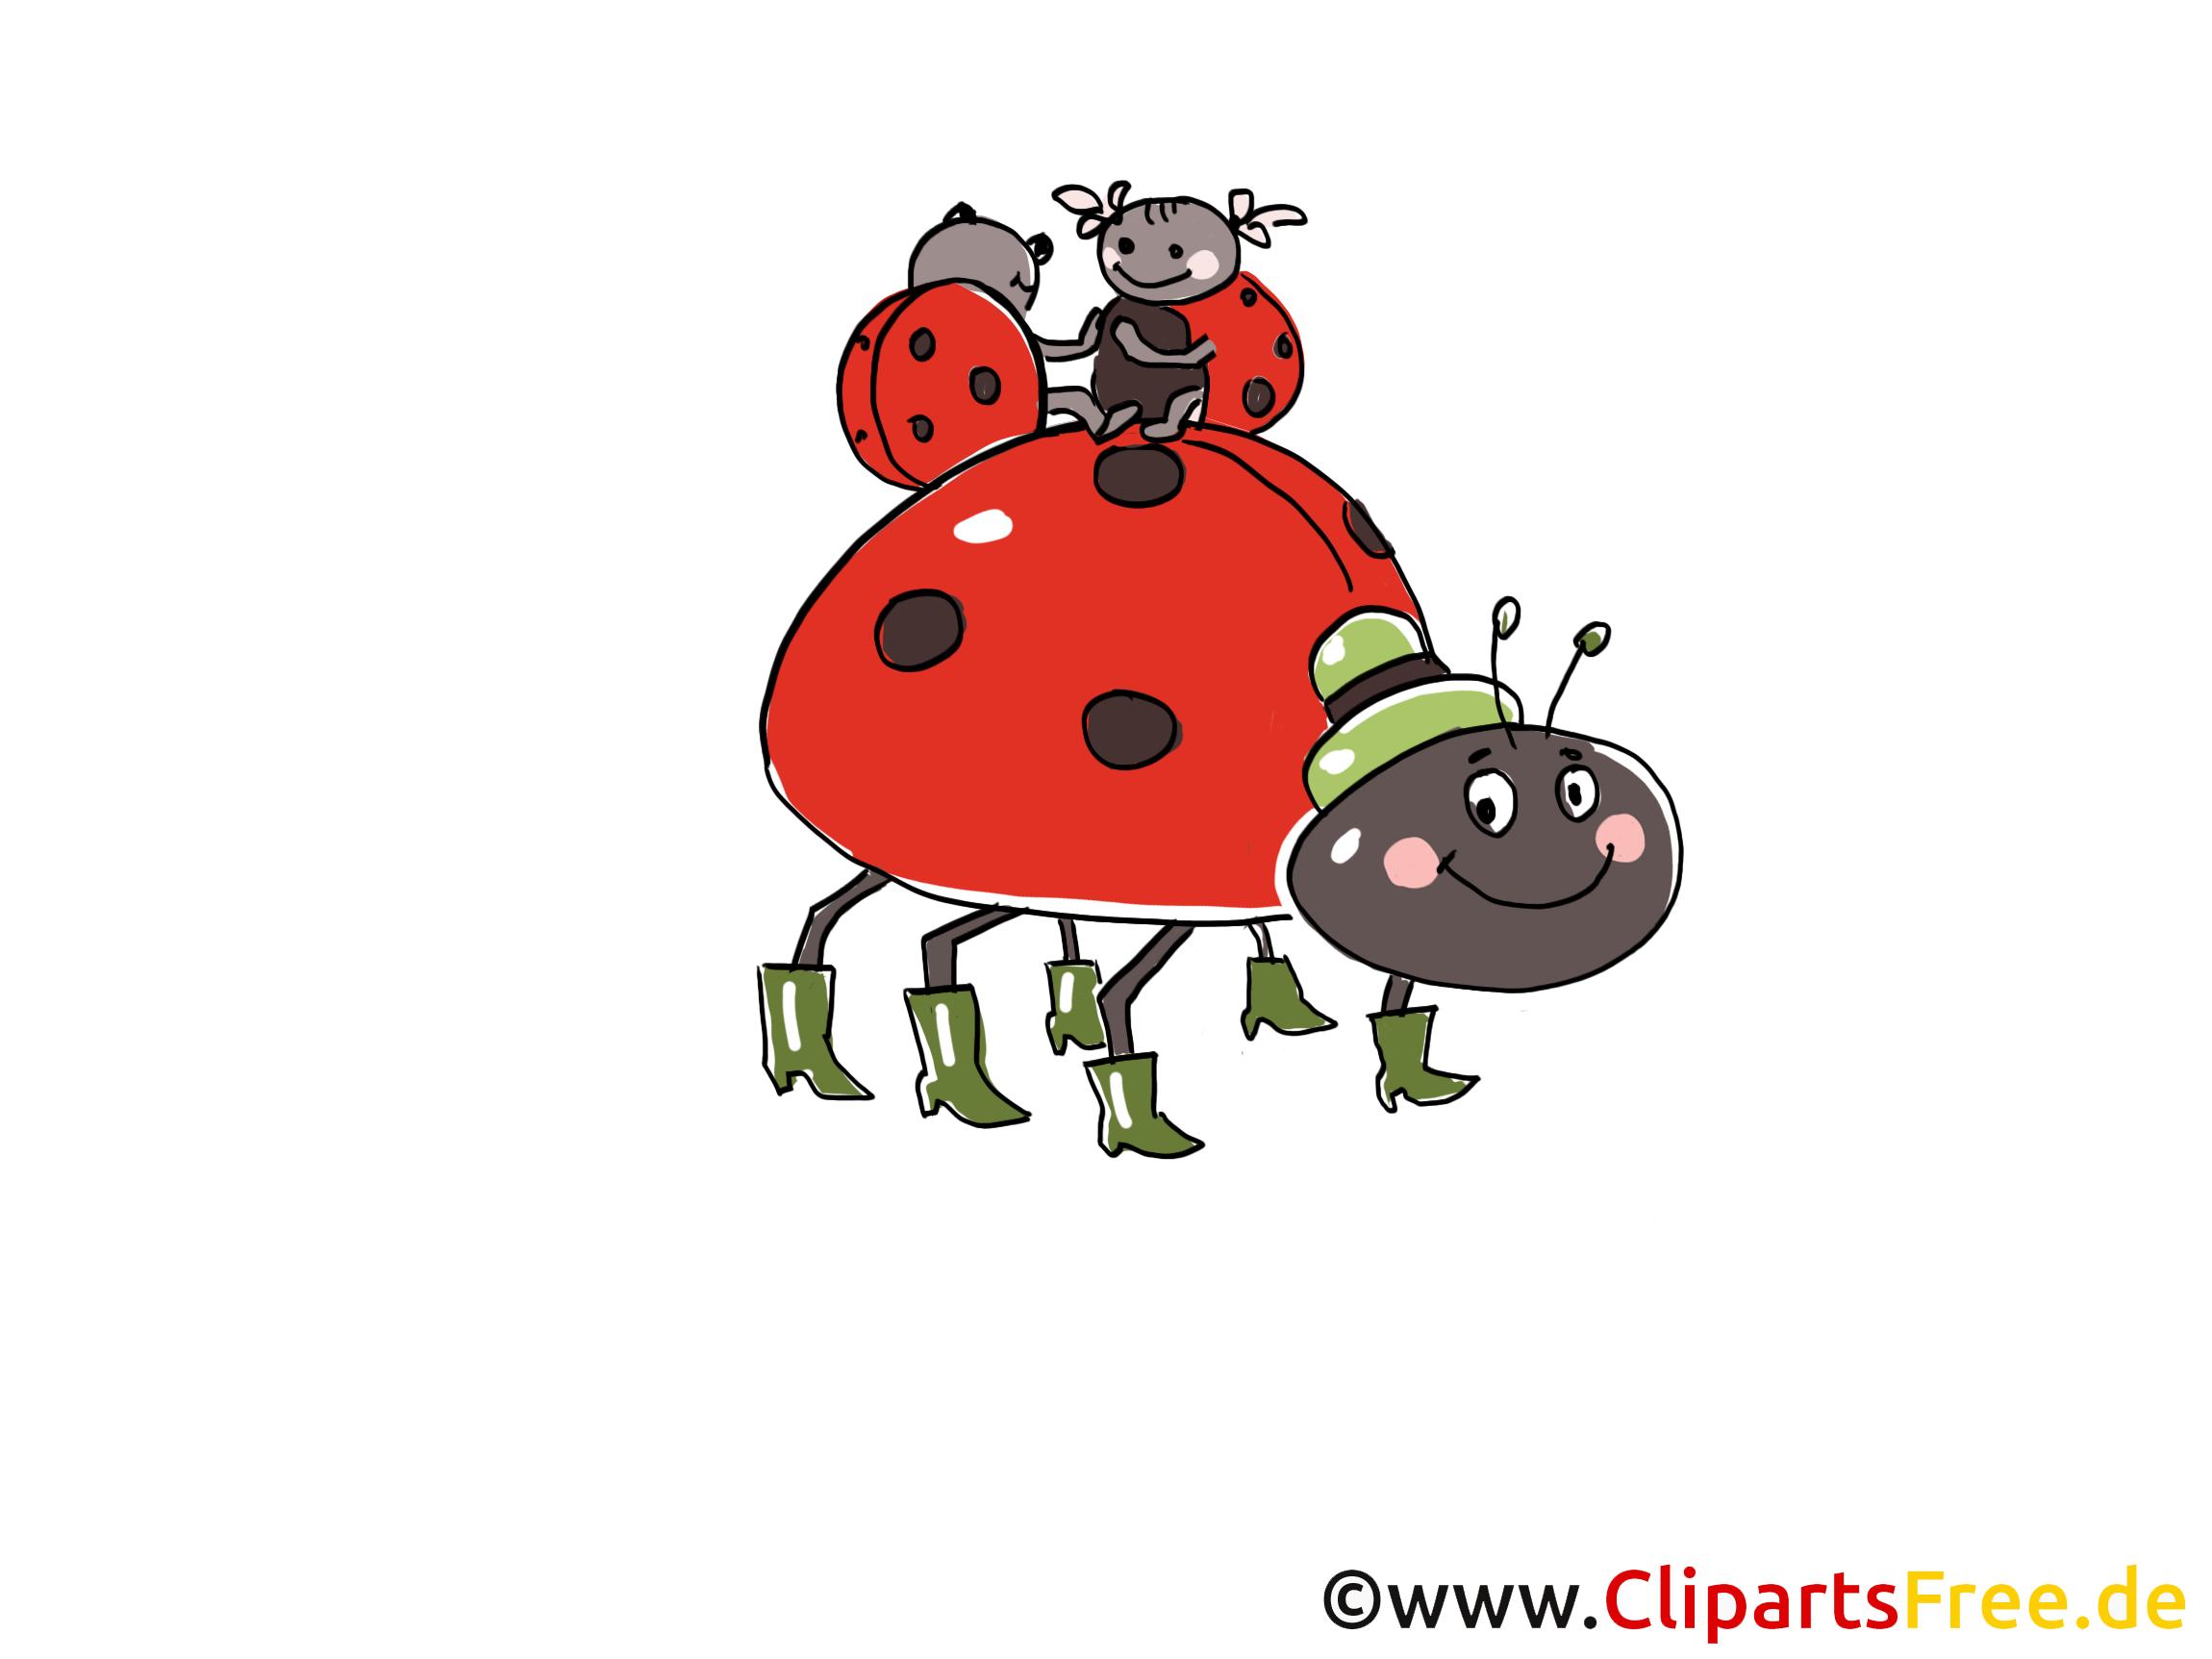 Käfer Comic, Cartoon, Clipart, Bild, Zeichnung, Illustration gratis.